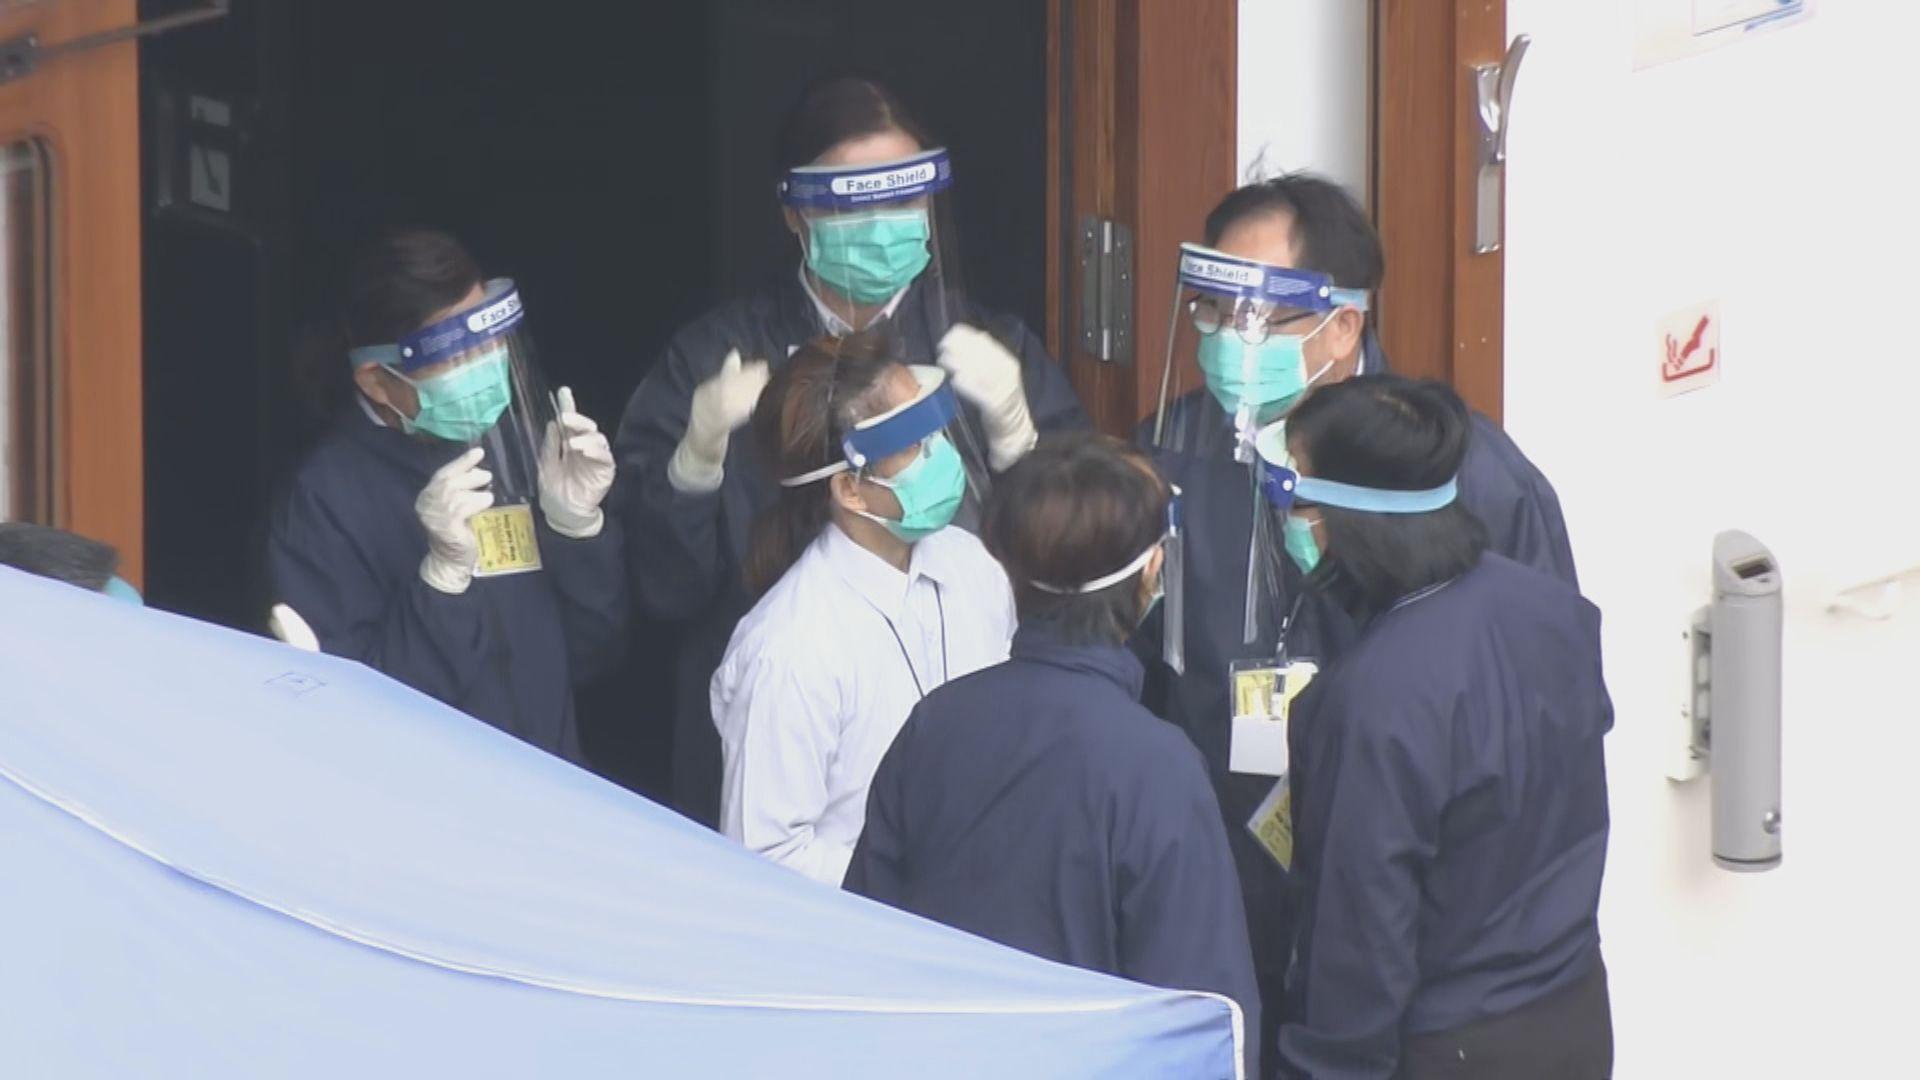 世界夢號郵輪抵港 衞生署人員全套保護裝備登船檢疫